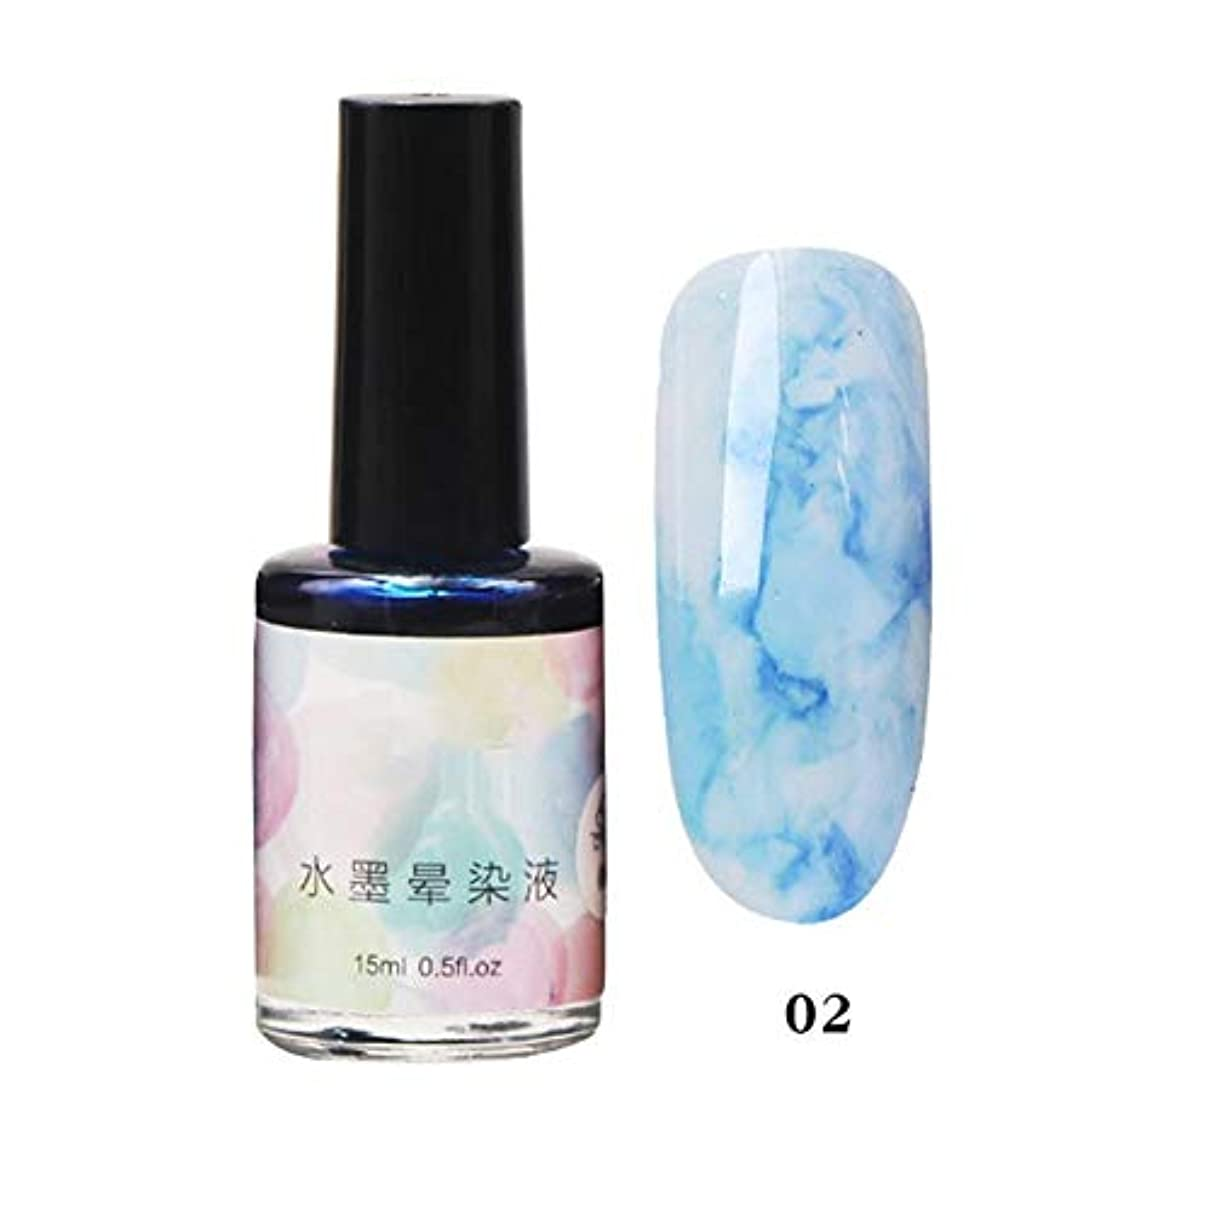 理論的孤独な衣装11色選べる ネイルポリッシュ マニキュア ネイルアート 美しい 水墨柄 ネイルカラー 液体 爪に塗って乾かす 初心者でも簡単に使用できる junexi